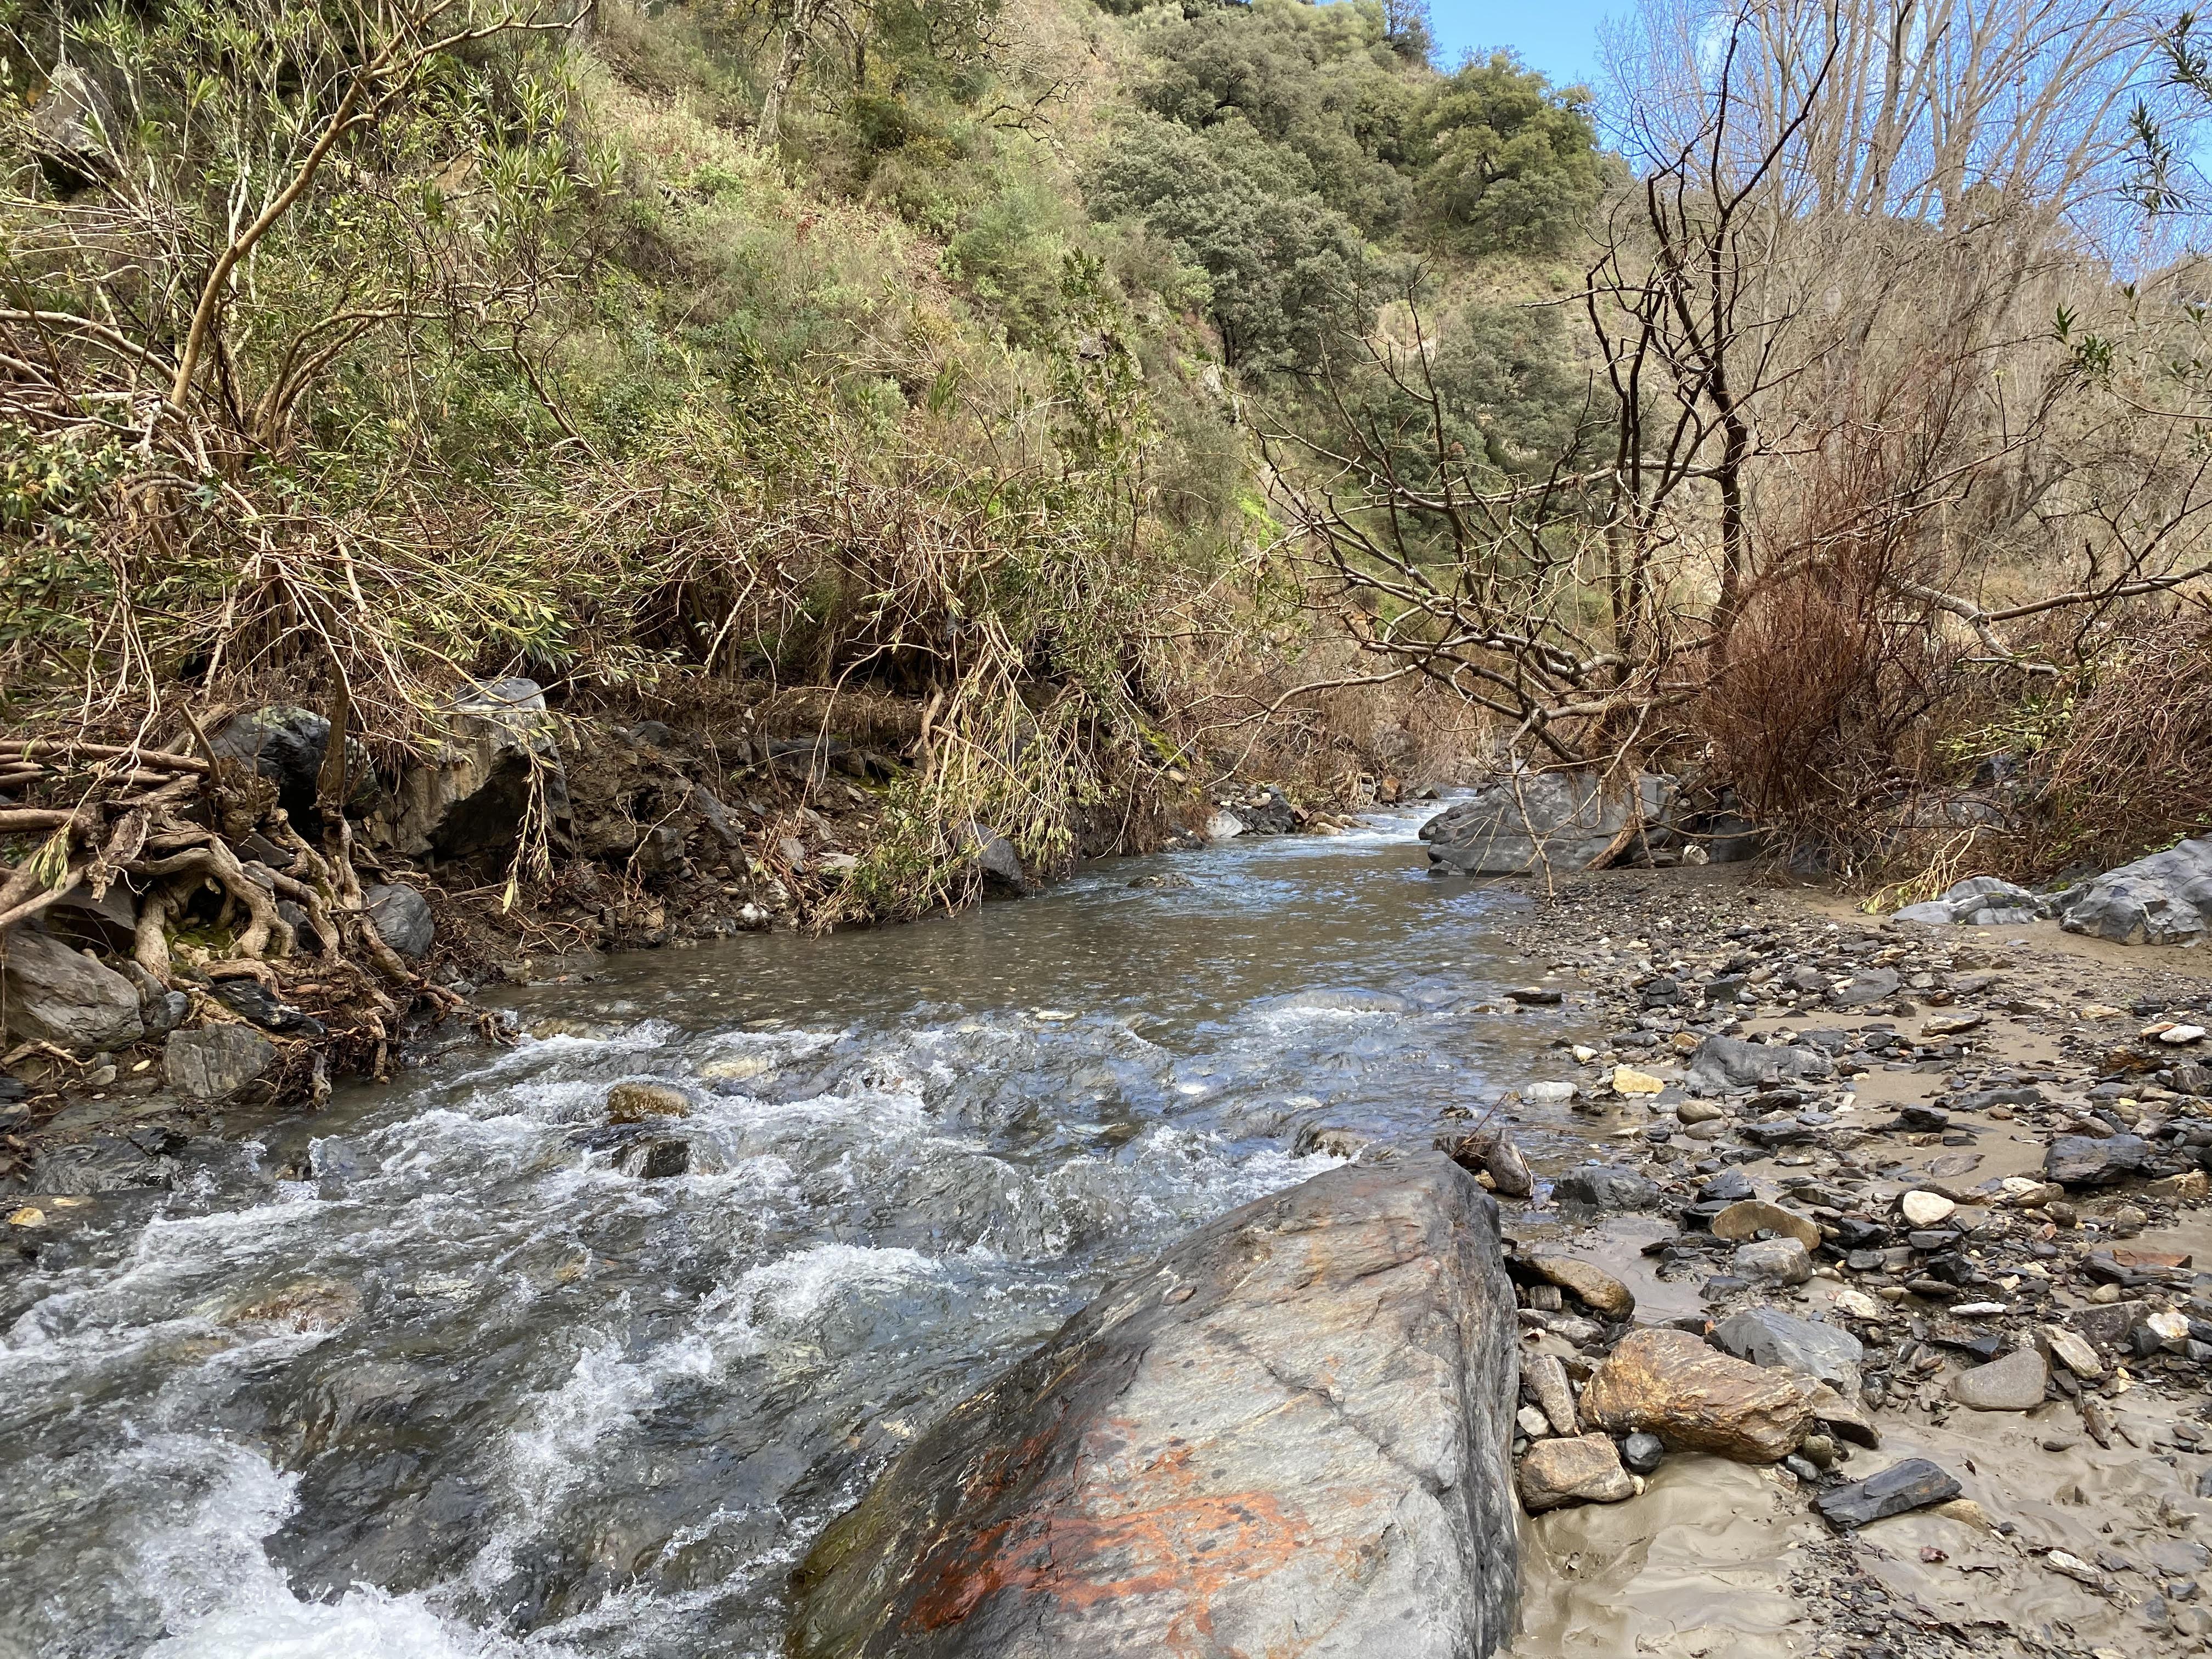 WP2 sampling the Genal River in Spain. Photos: N. Bonada